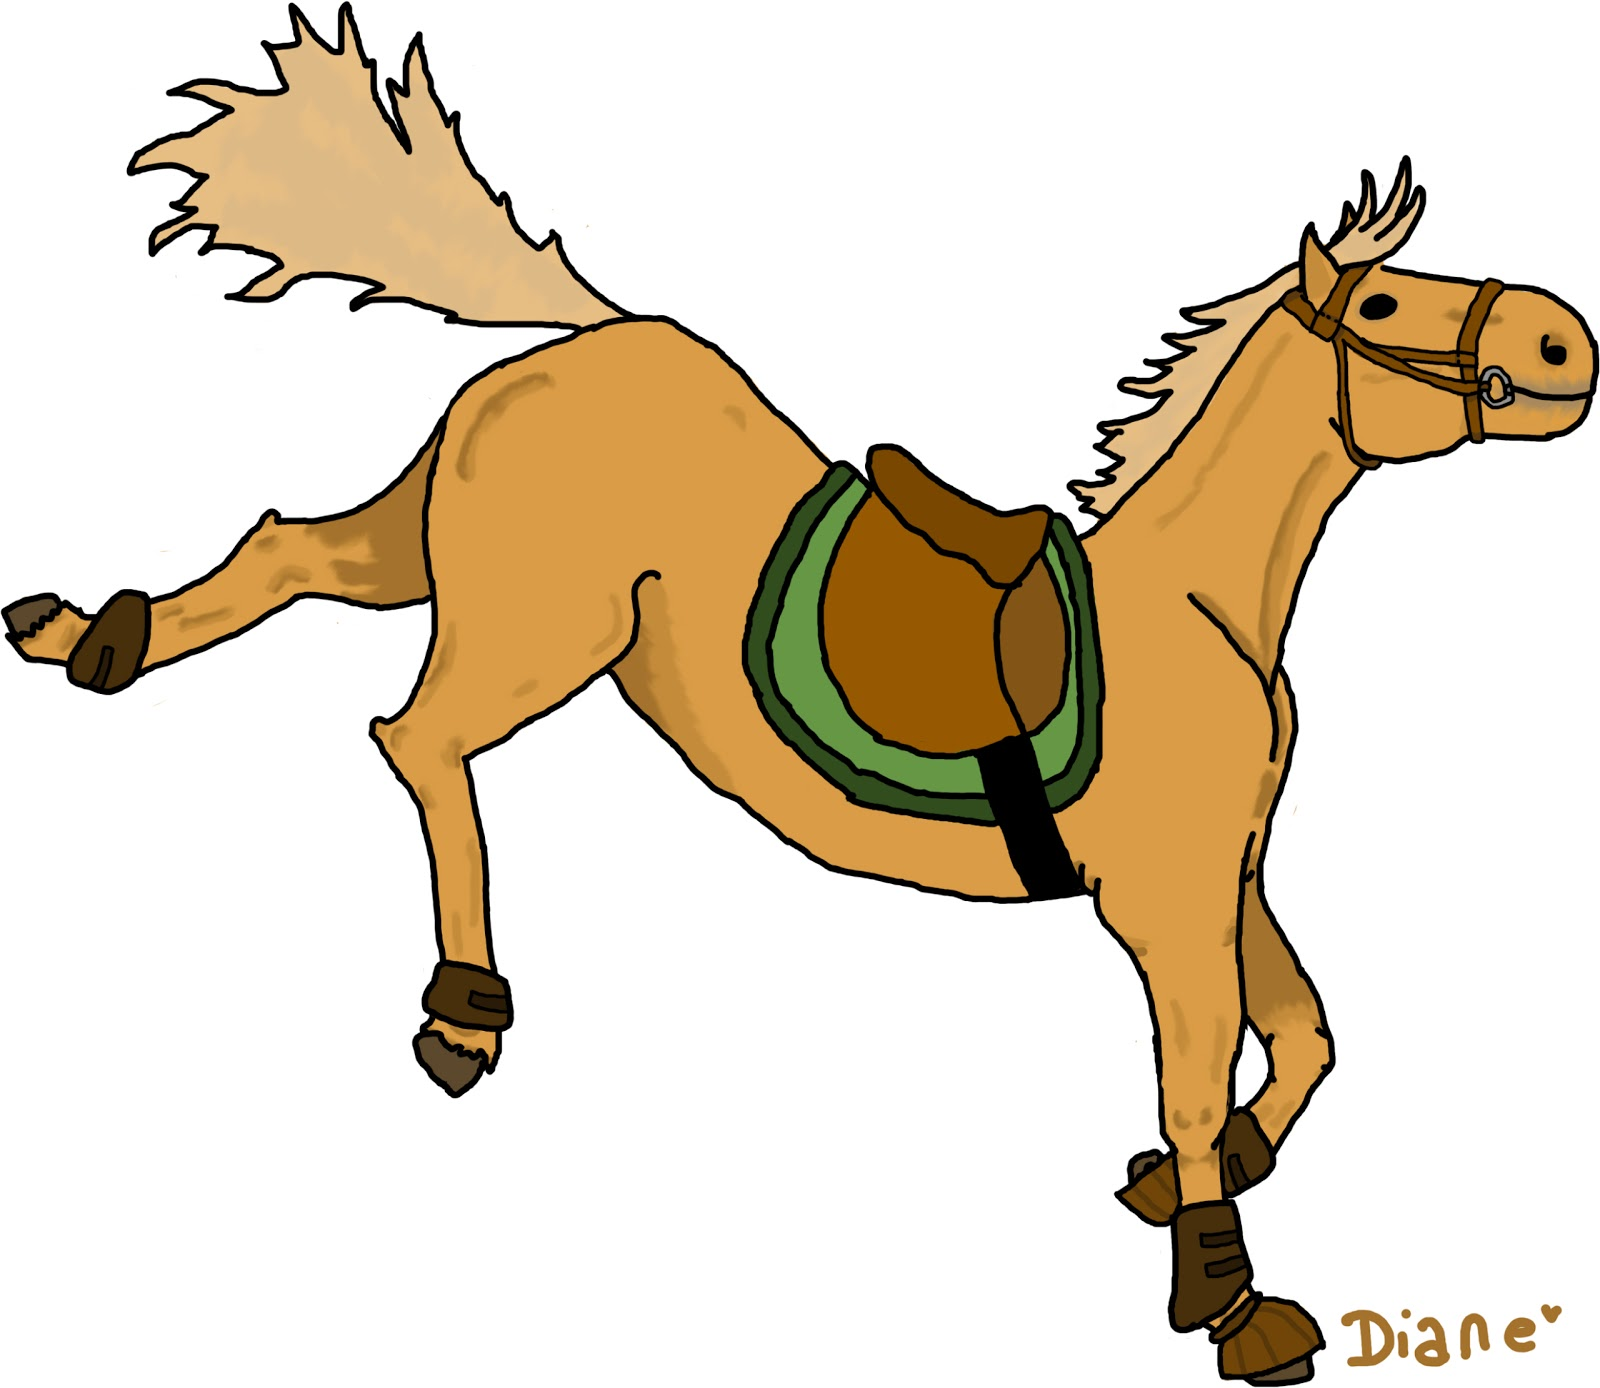 Les cr a 39 de diane - Tchoupi et le cheval ...